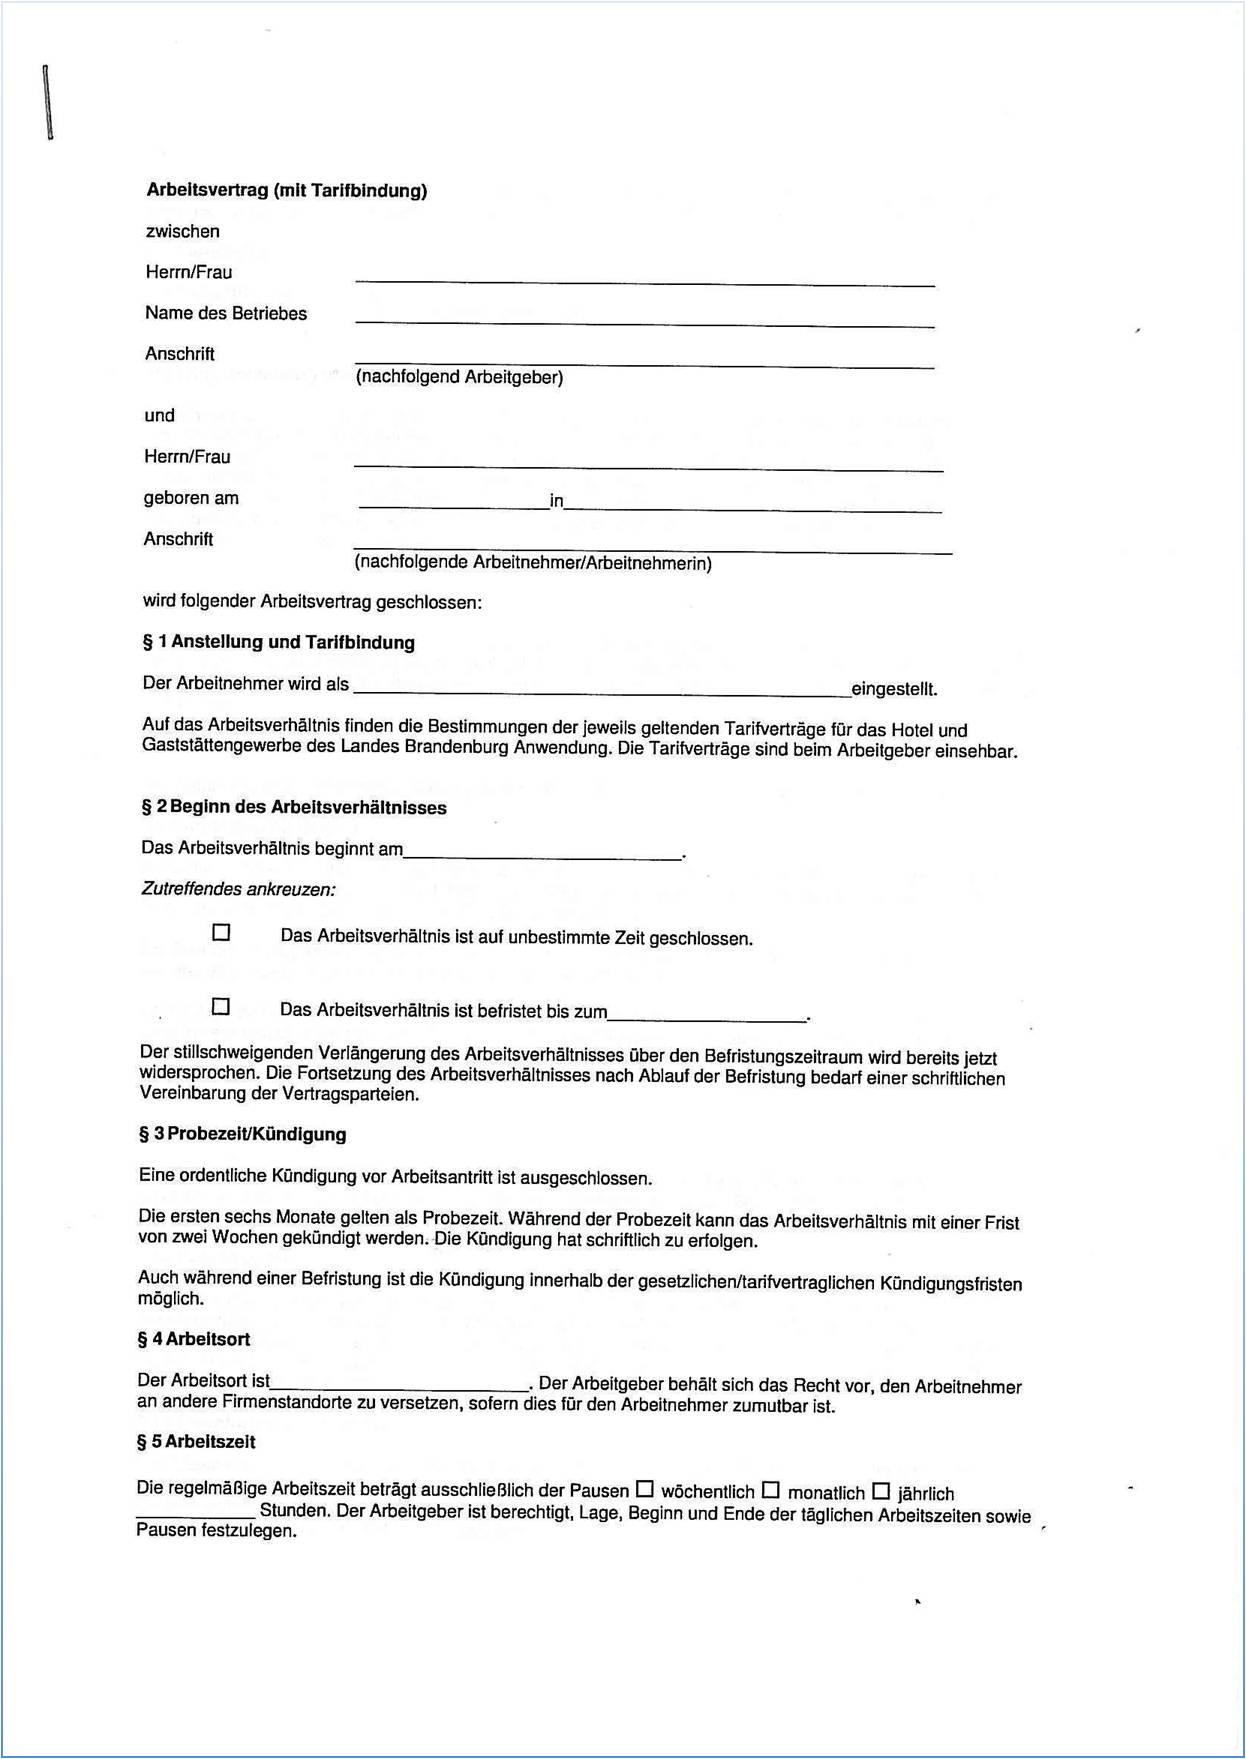 Dehoga Shop Arbeitsvertrag Mit Tarifbindung Für Das Land